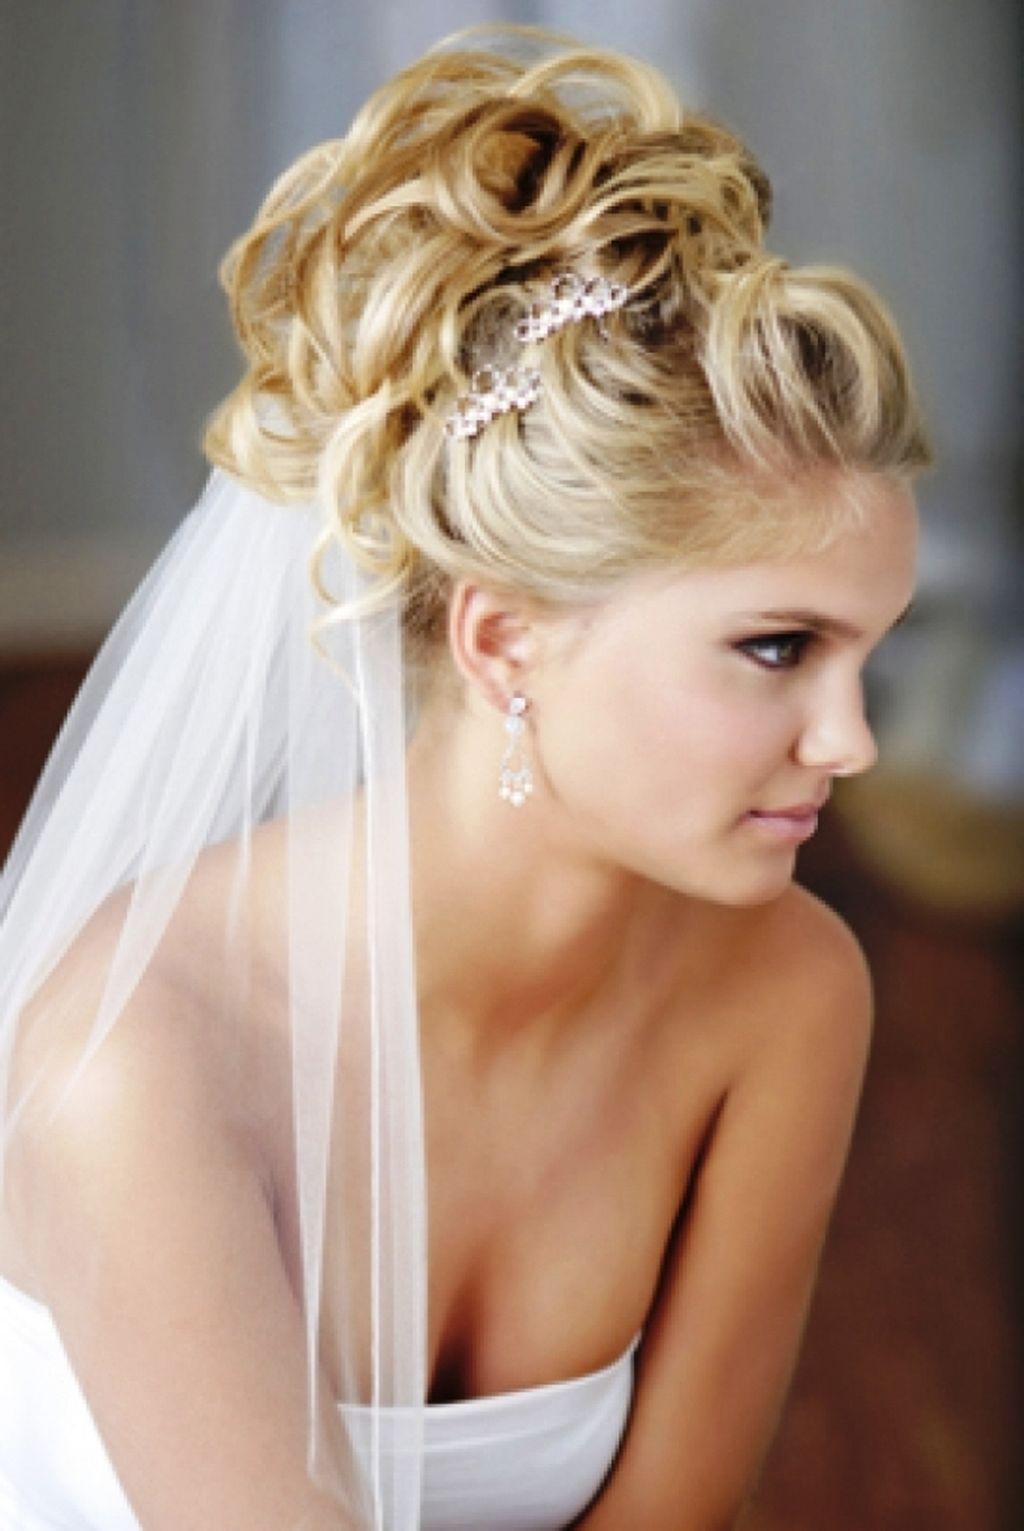 прически на свадьбу длинные волосы фото с фатой